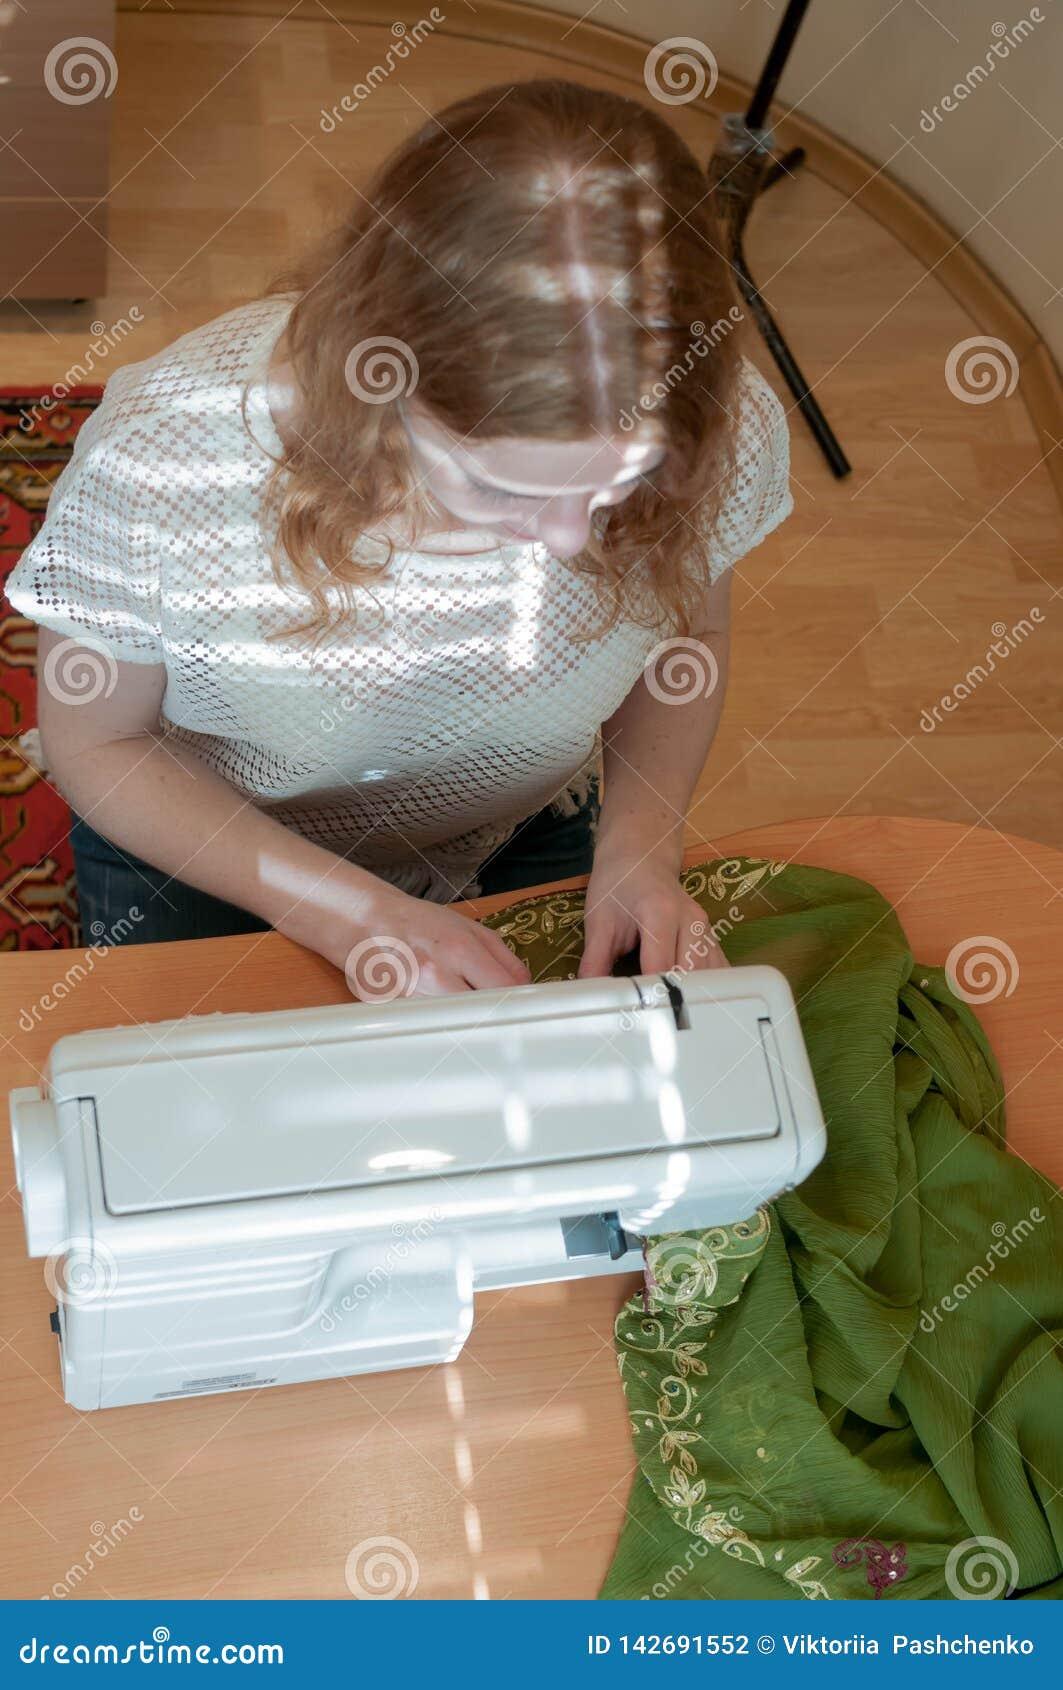 Naaisterszitting bij houten lijst met naaimachine, doek en het werken